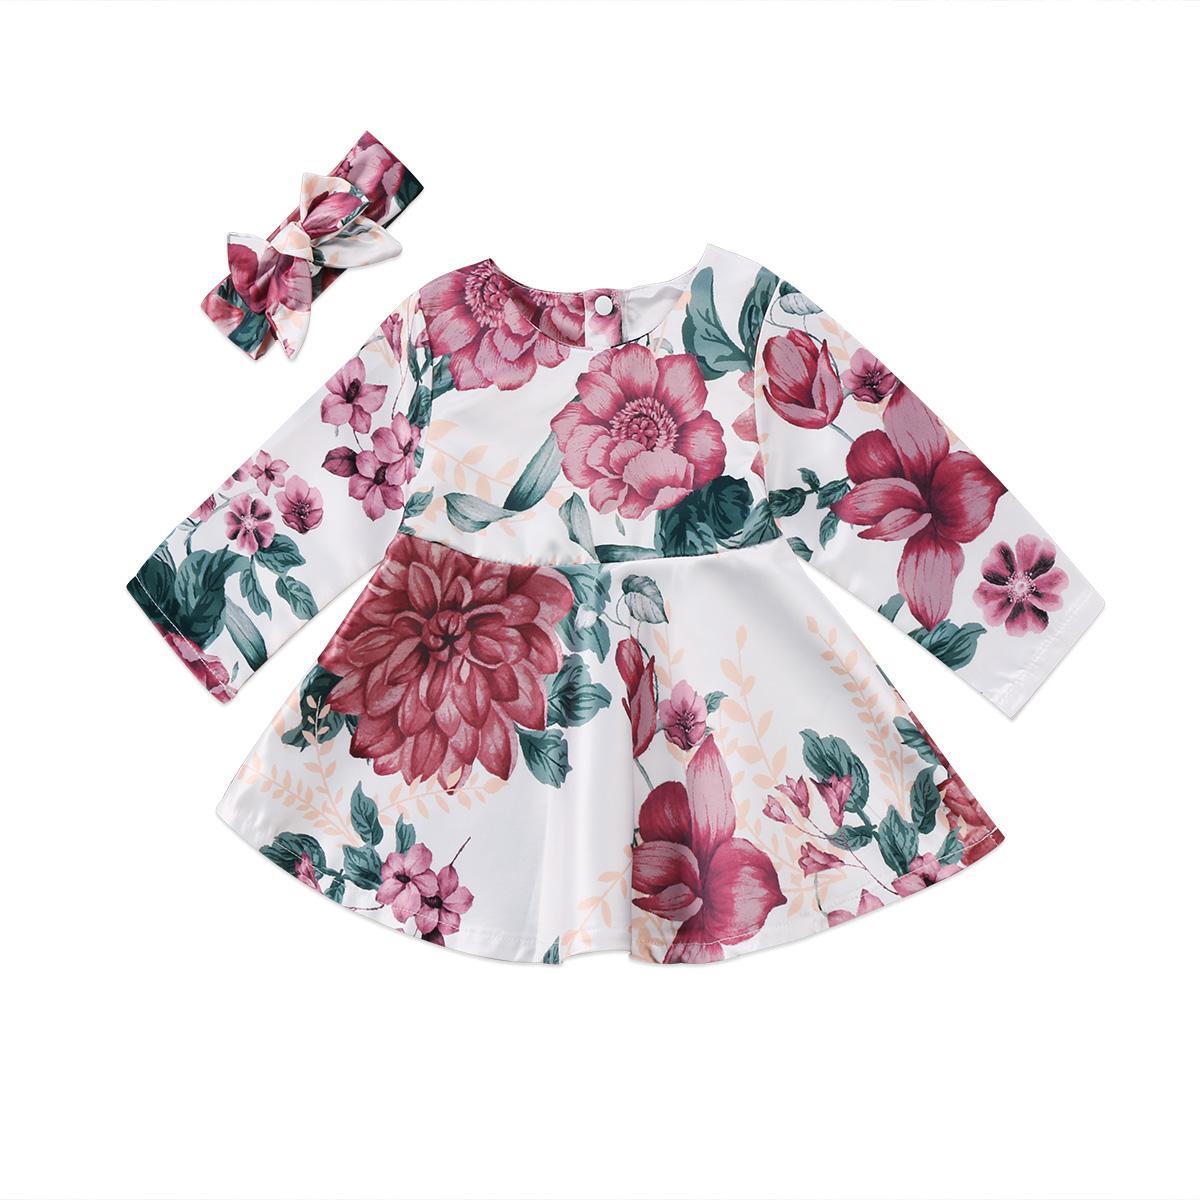 Pudcoco Newborn Baby Girls manica lunga vestito floreale fascia 2 pezzi abiti per bambini Set di vestiti